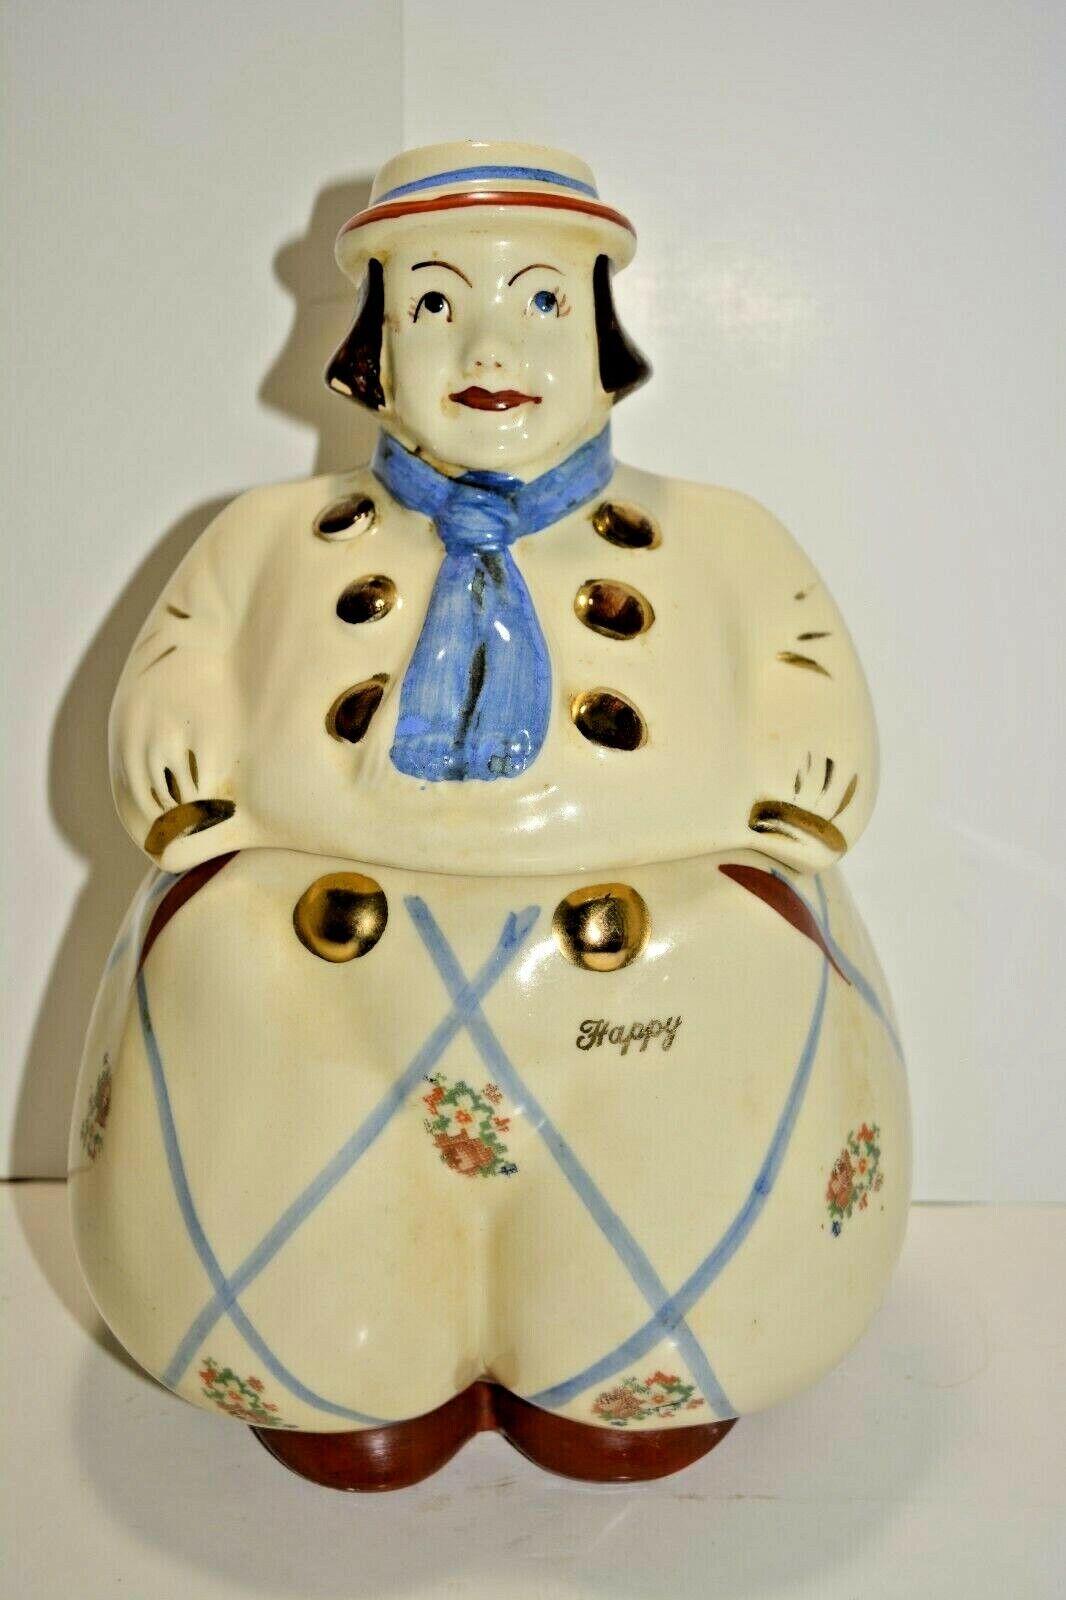 Shawnee Pottery HAPPY JACK DUTCH BOY COOKIE JAR USA  - $50.00